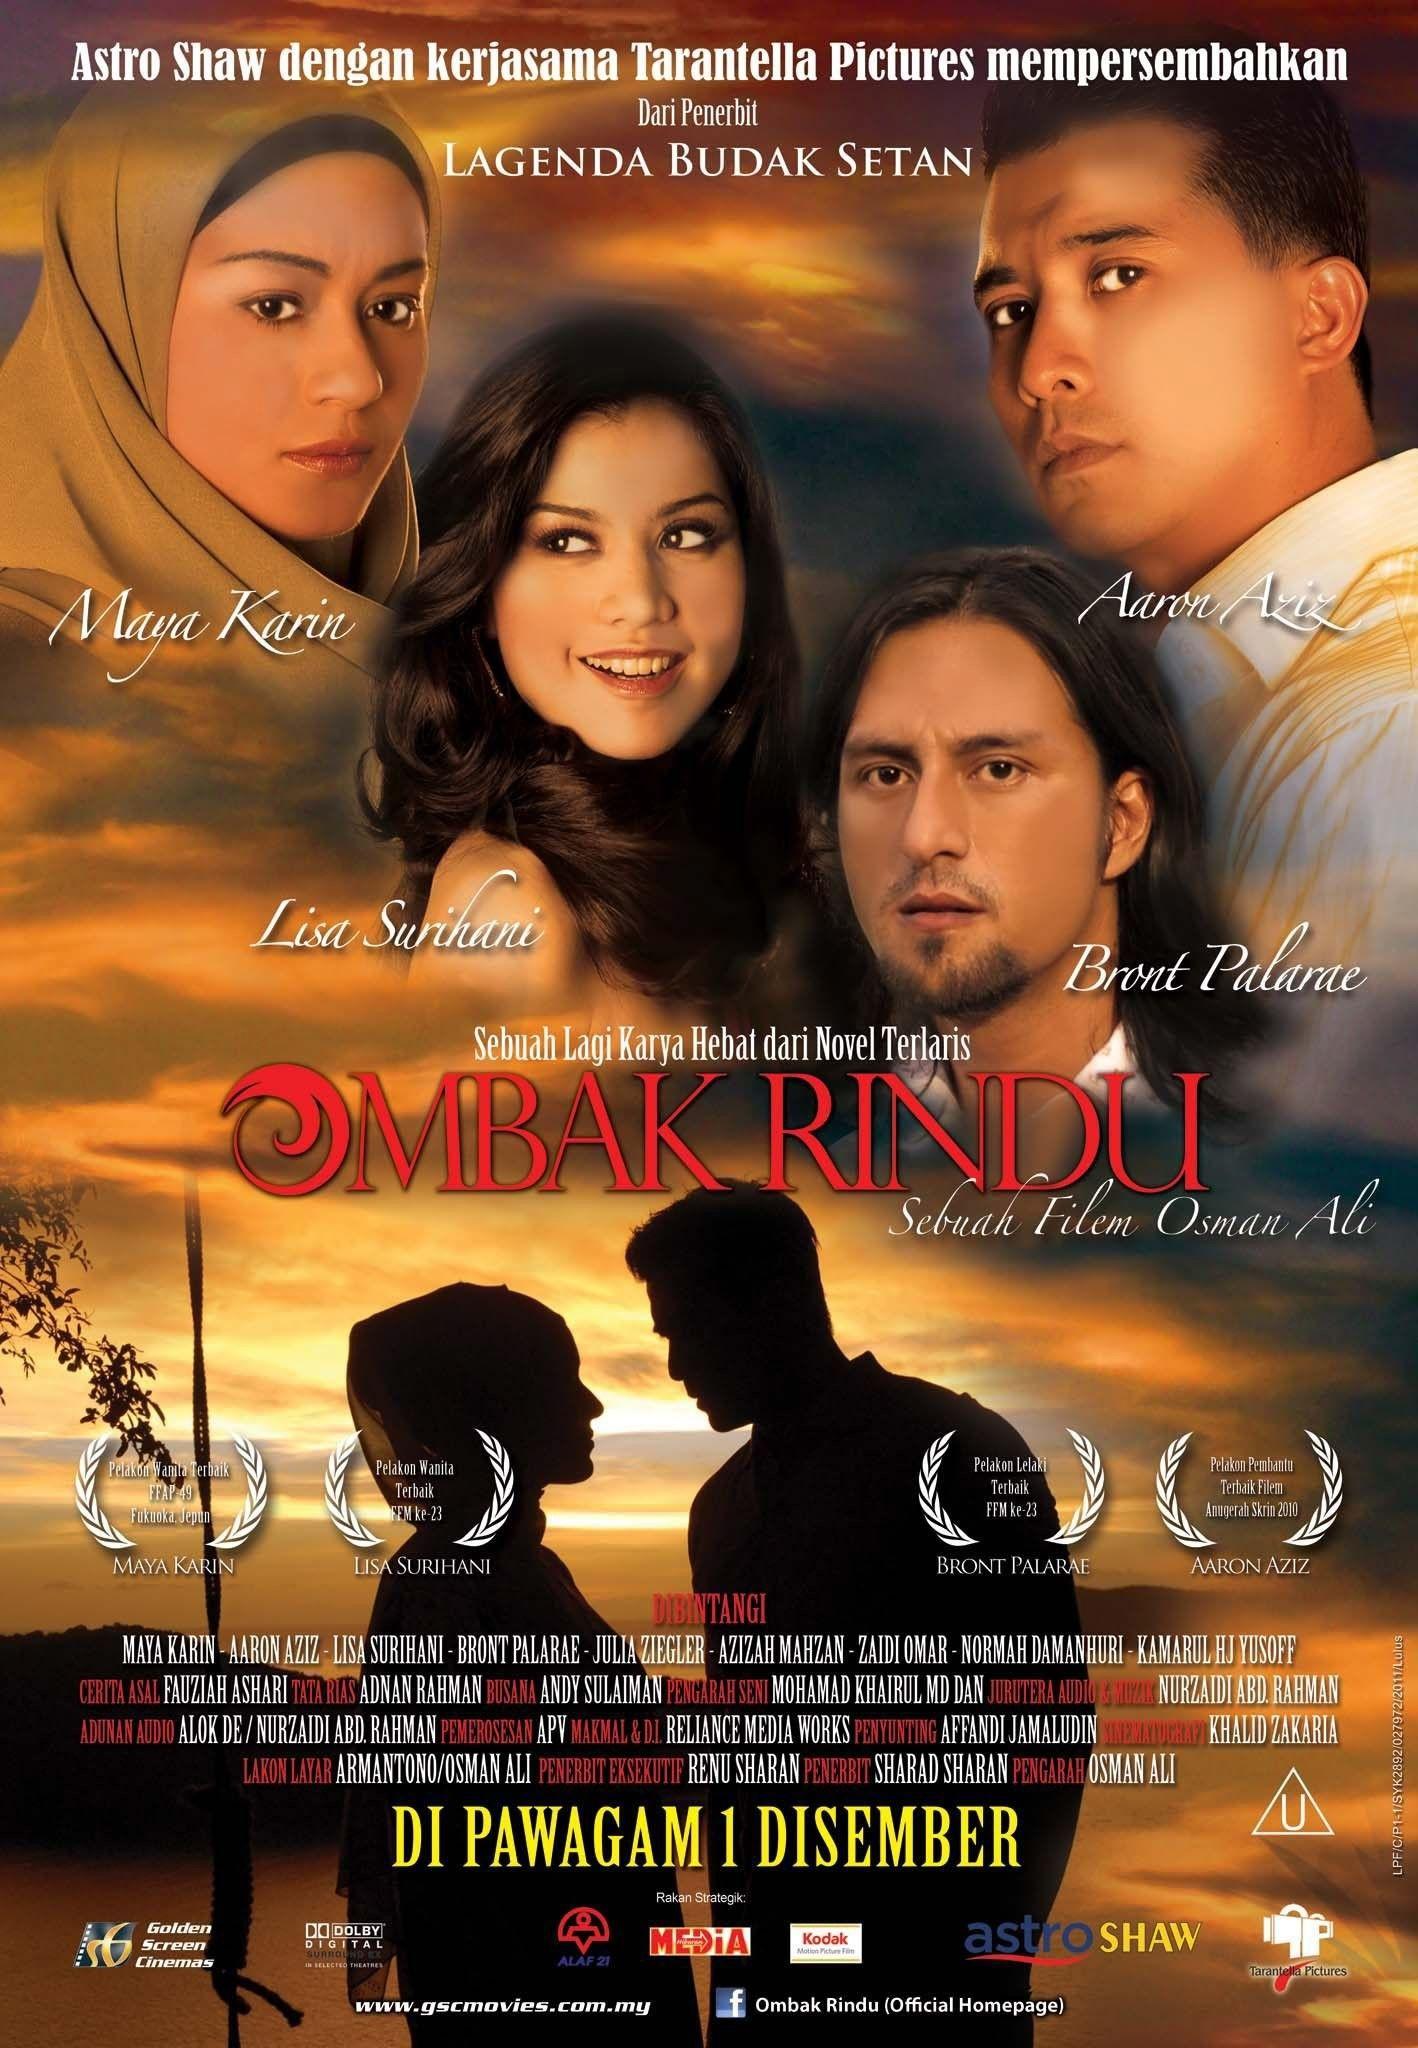 chemistry (tv series 2011) türkçe altyazı